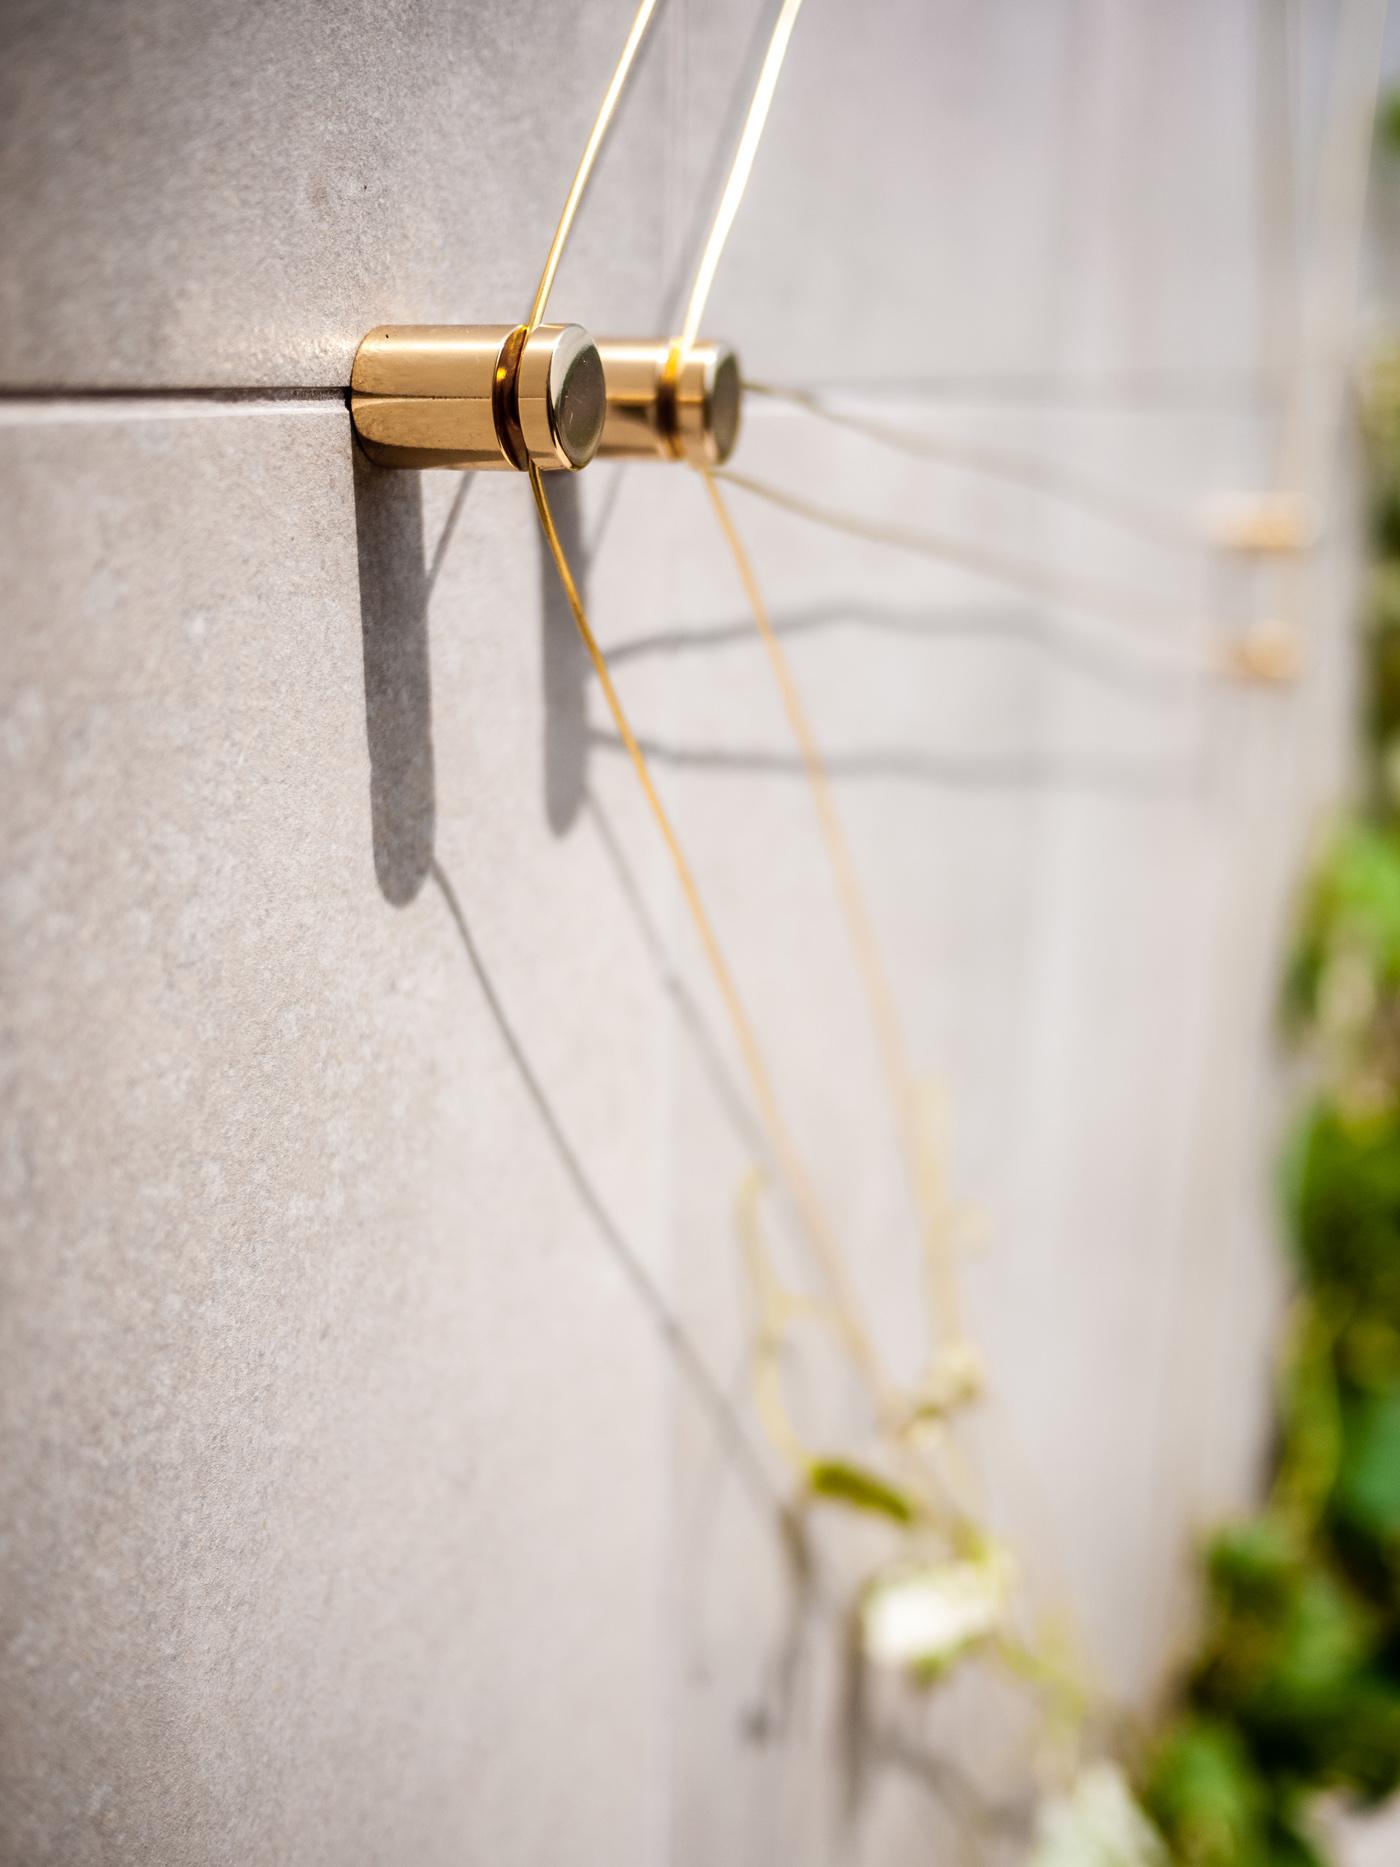 Costellazioni - un progetto che trasfigura sostegni per piante rampicanti in elementi di green design, preziosi in ogni periodo dell'anno | Geometrie stellari | Bottega di Architettura